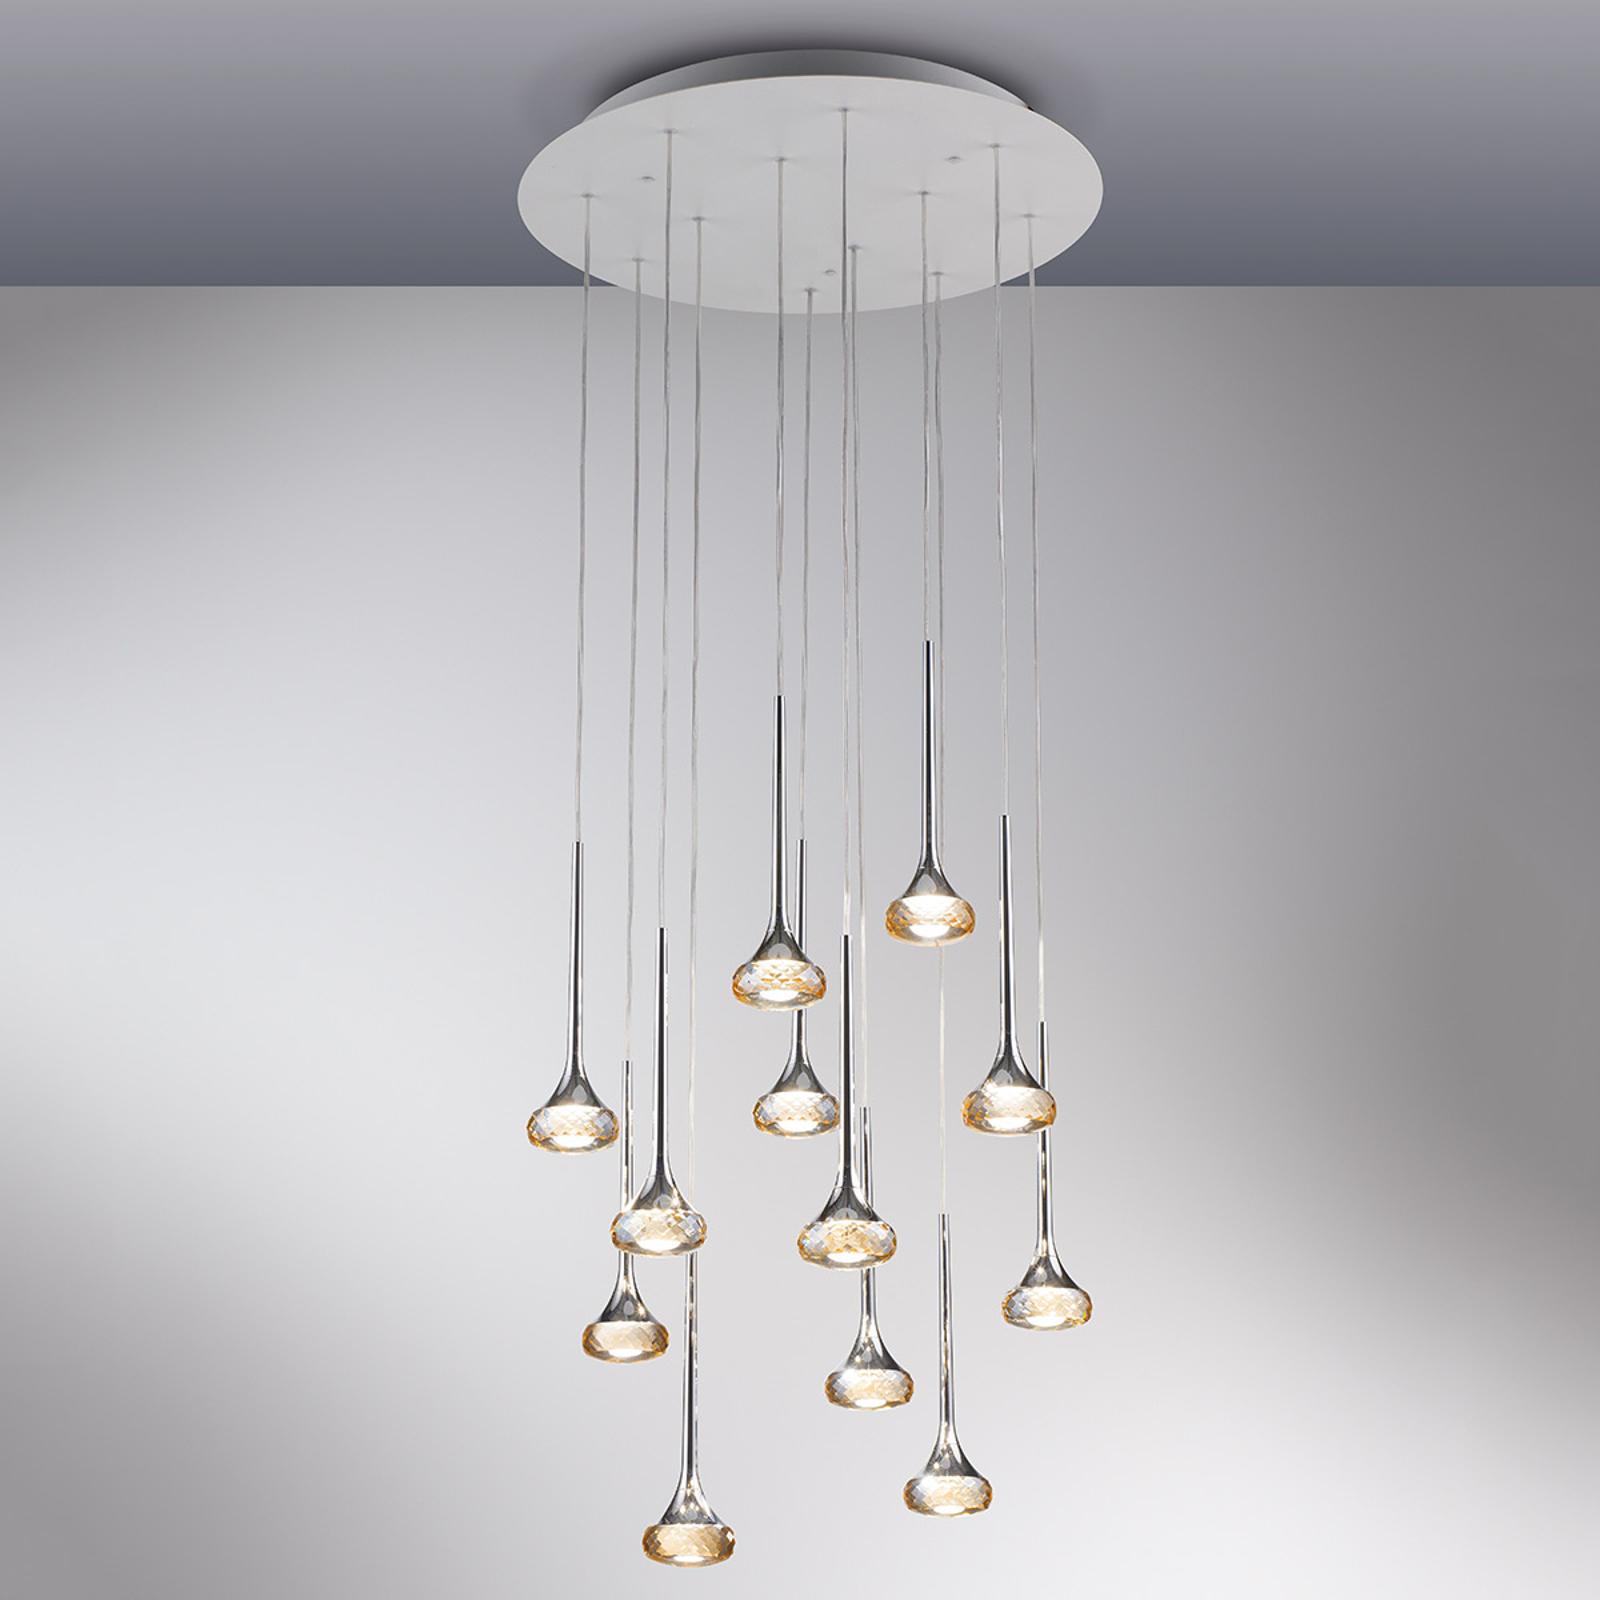 LED pendellampe Fairy med 12 lyskilder, amber